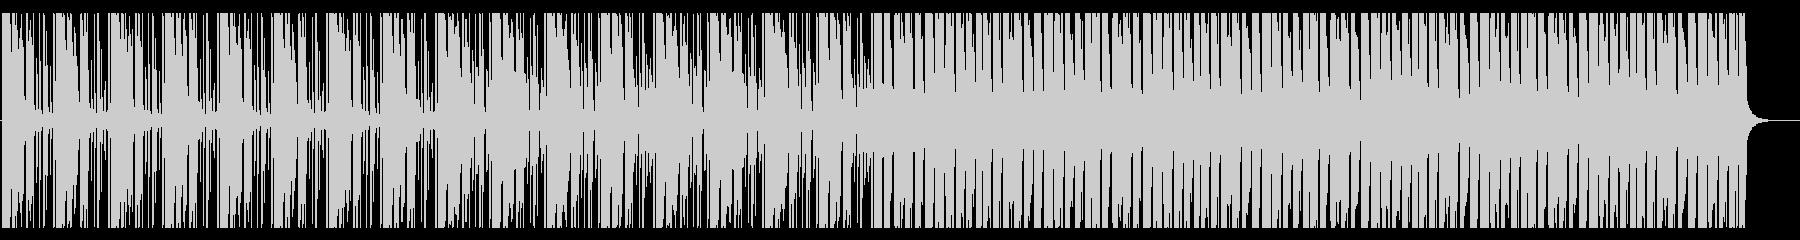 明るいピアノラウンジ_No406_2の未再生の波形